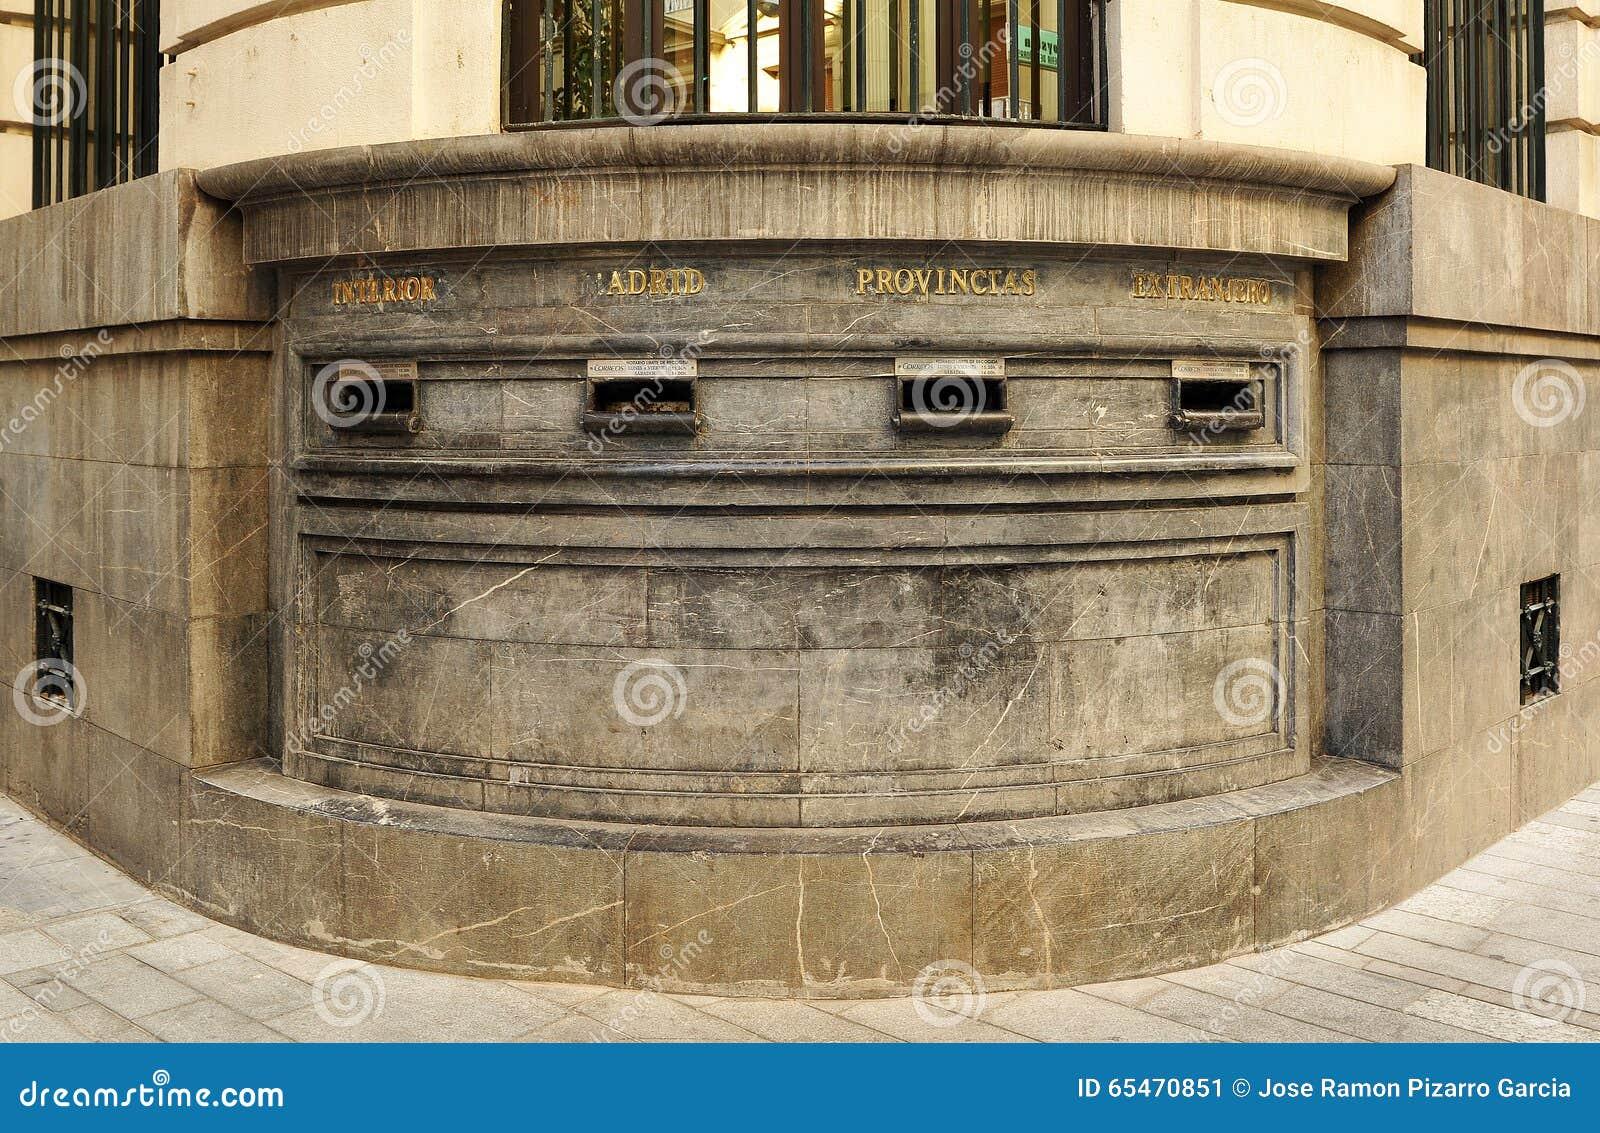 Buzones de correos precios interesting buzones de for Oficina central correos madrid